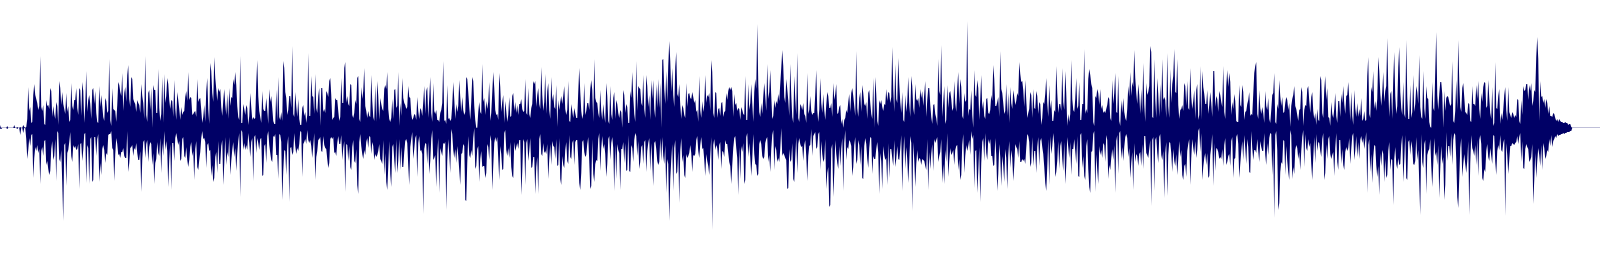 waveform of track #159416